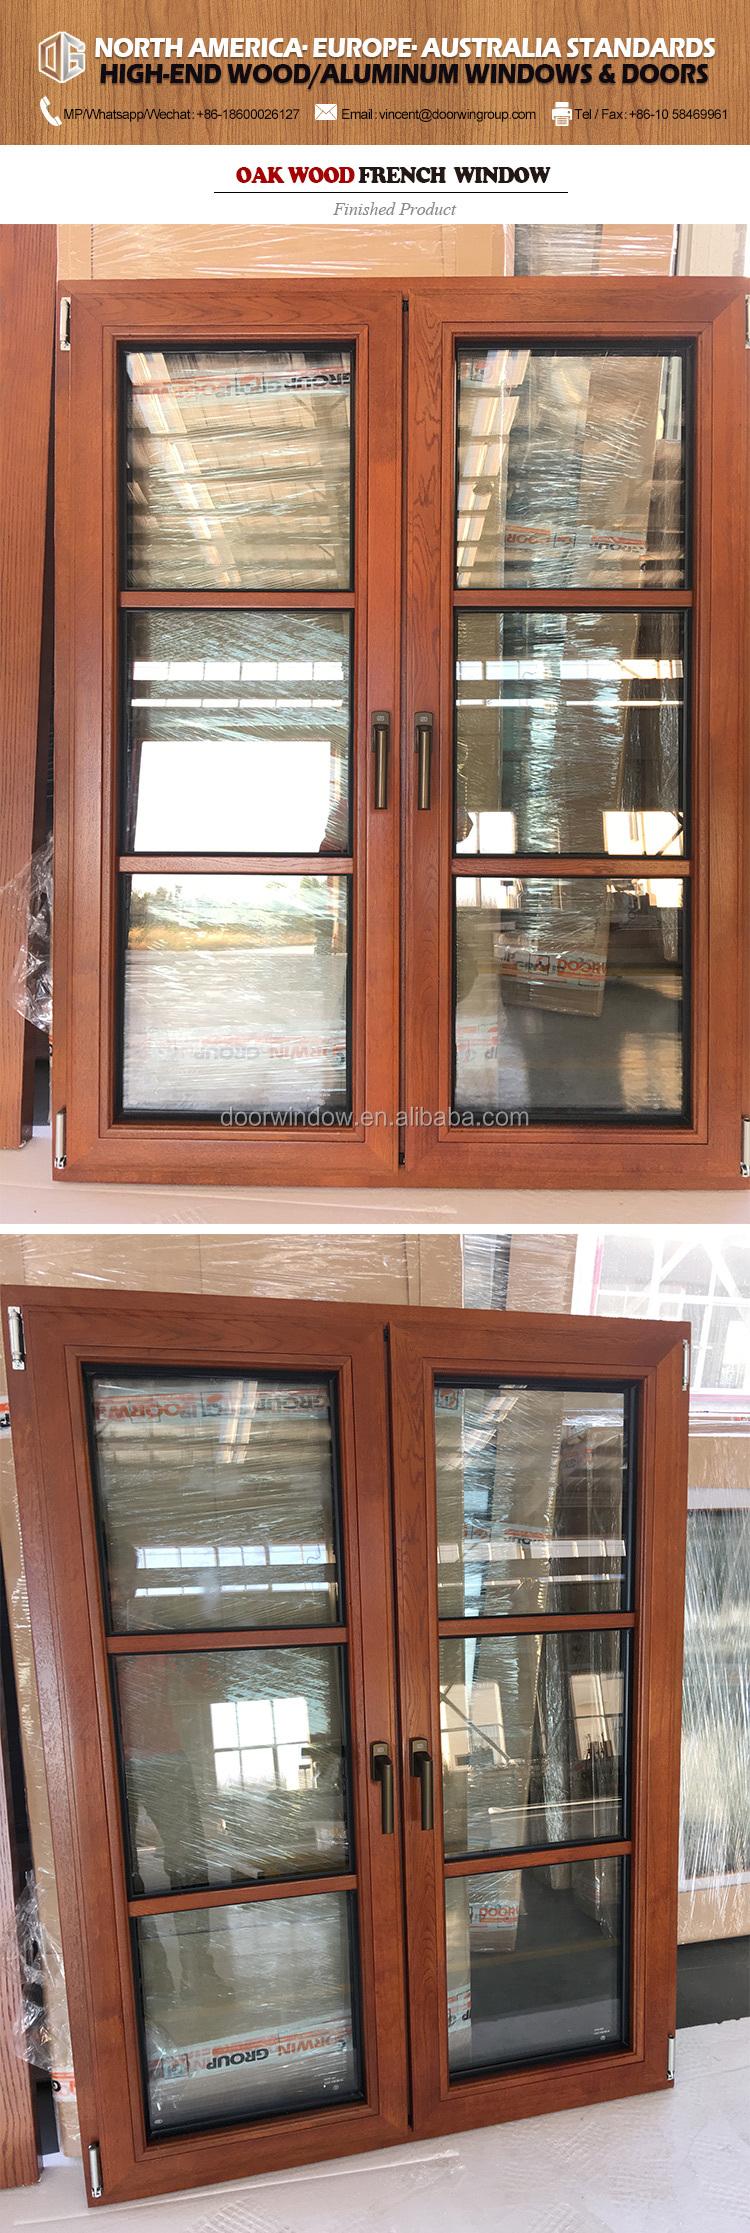 double glazed bathroom window